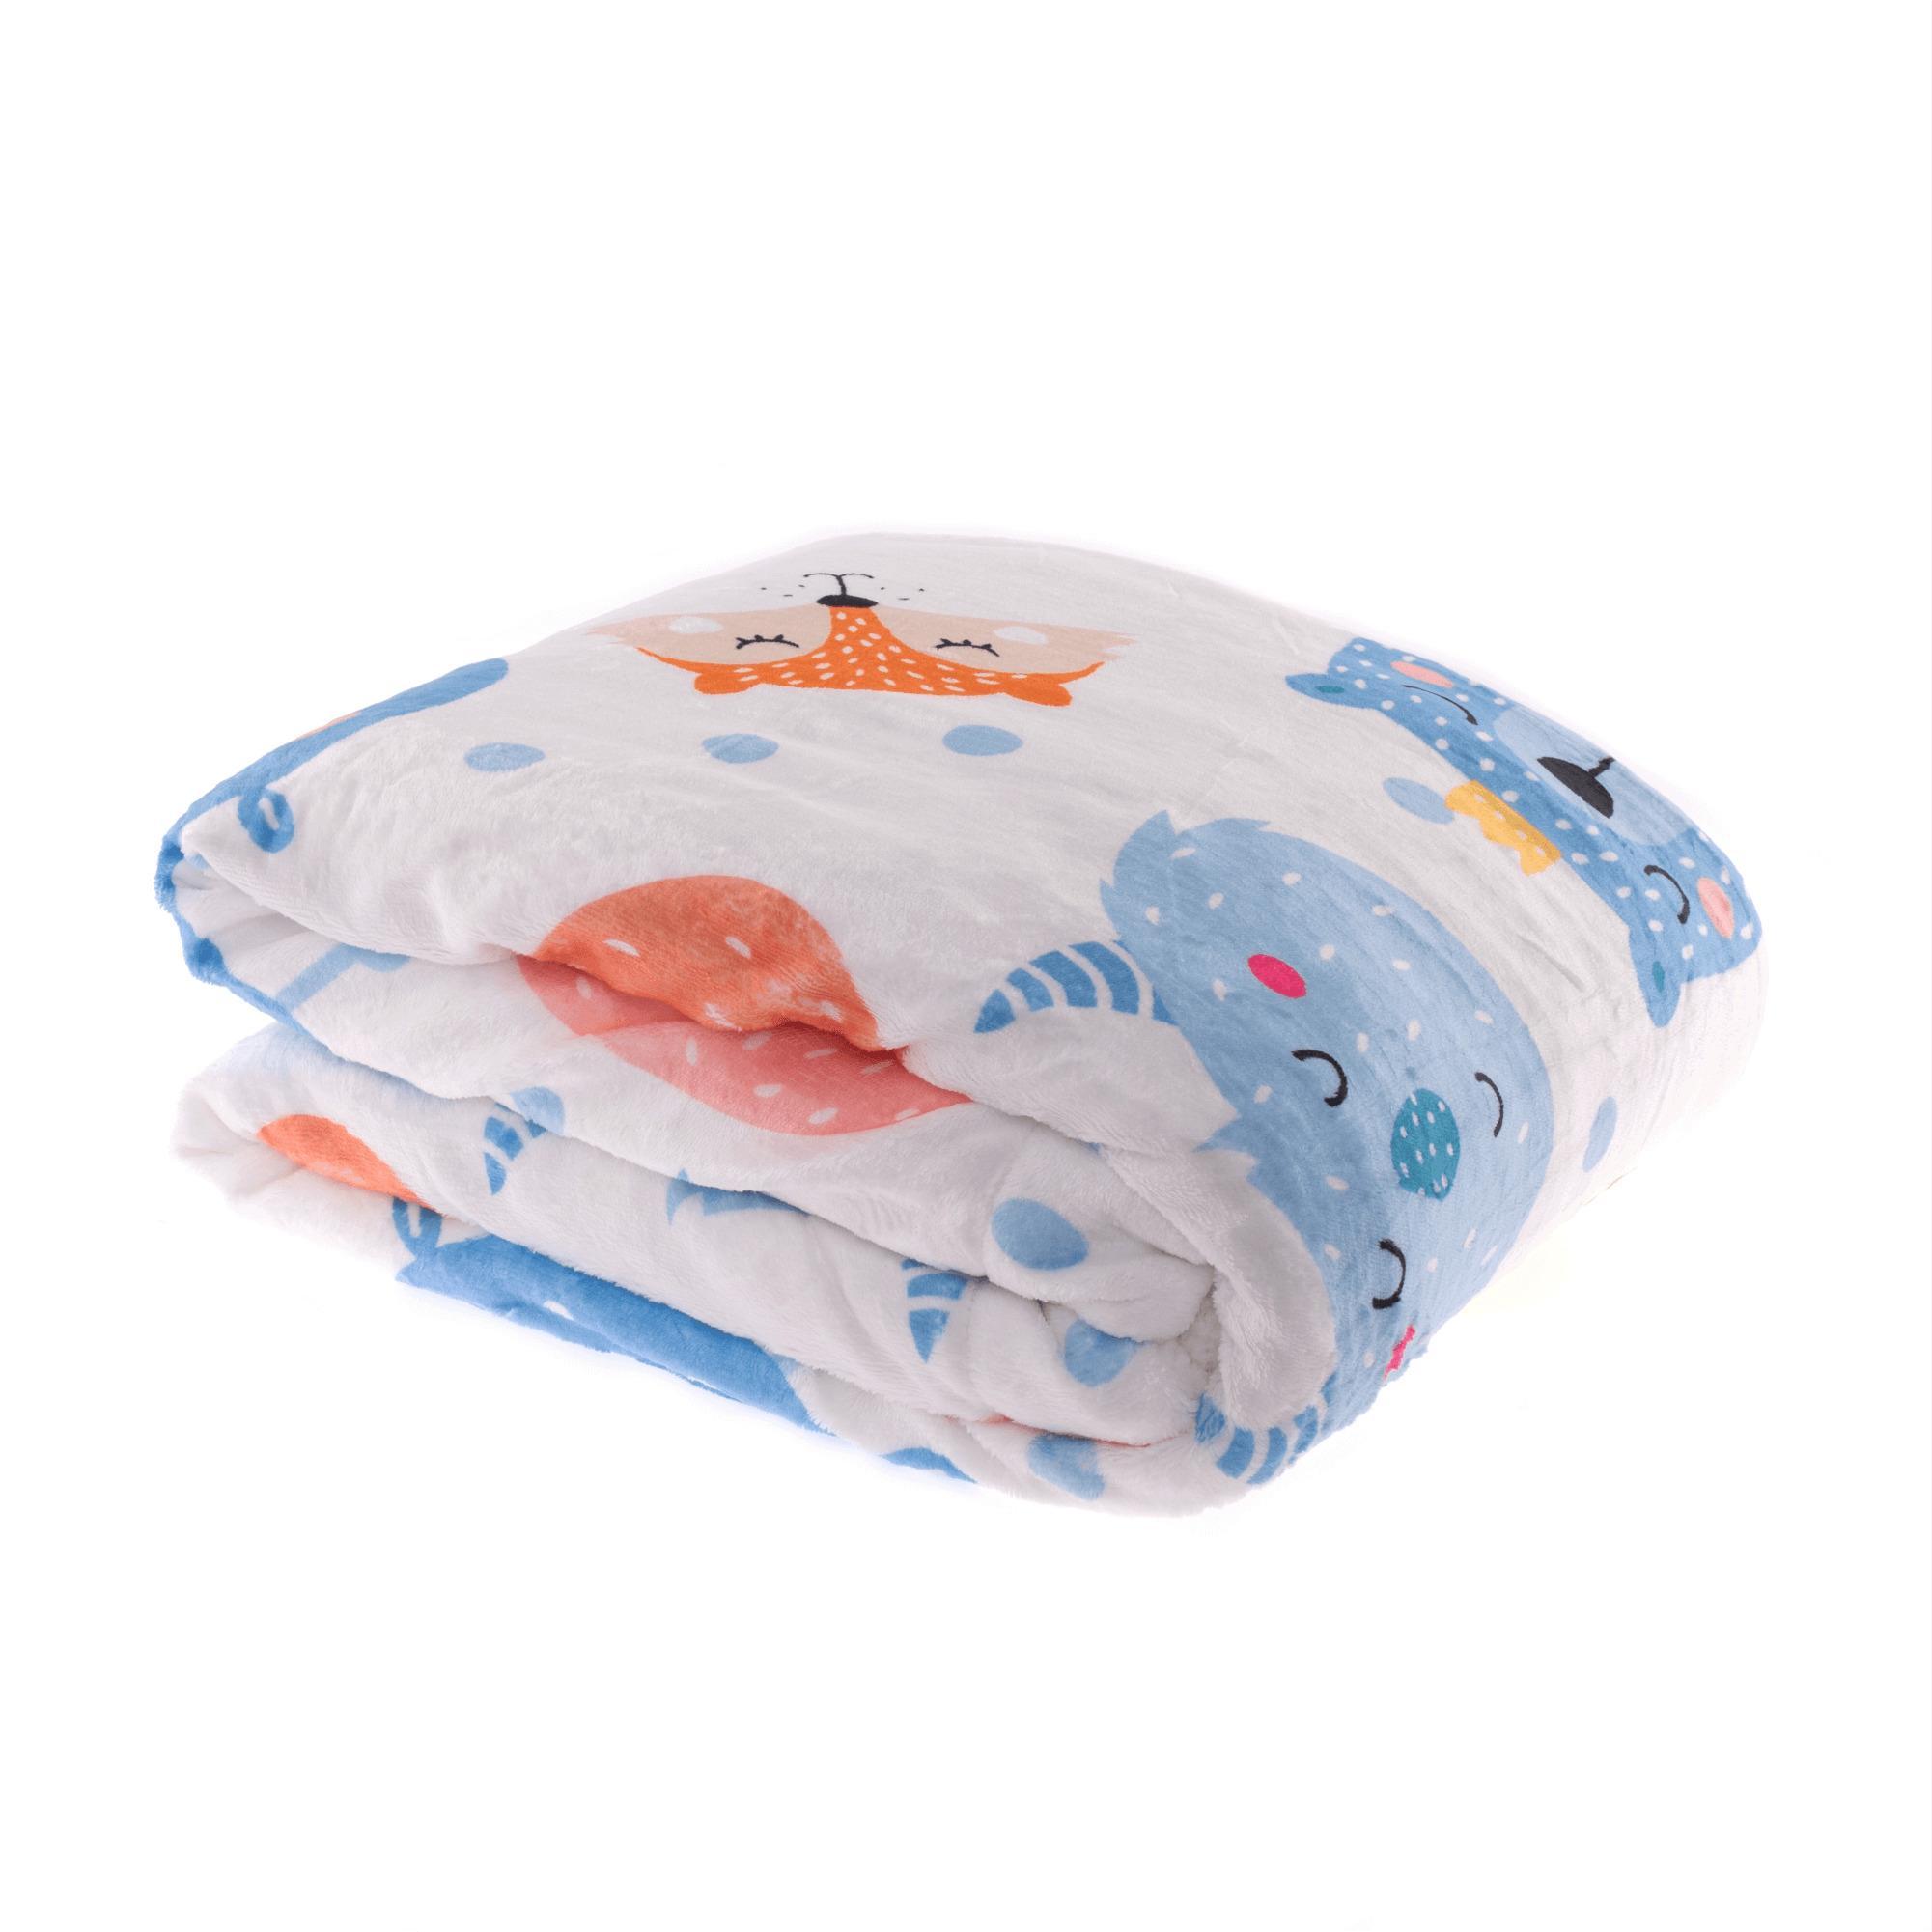 Obojstranná baránková deka, biela/detský vzor, 150x200cm, MIDAS TYP2